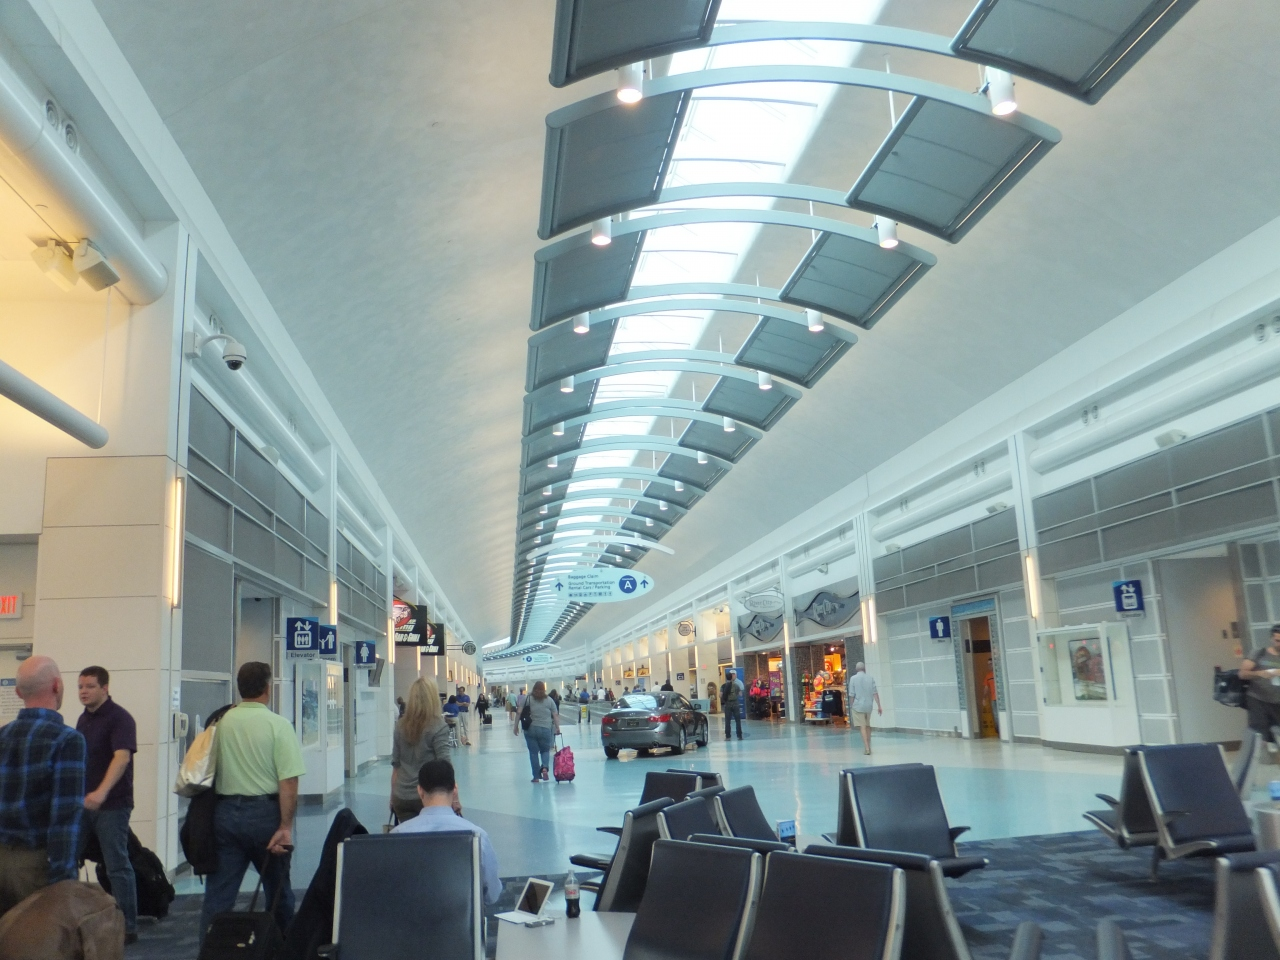 ジャクソンビル国際空港 (JAX)Jacksonville International Airport (JAX)